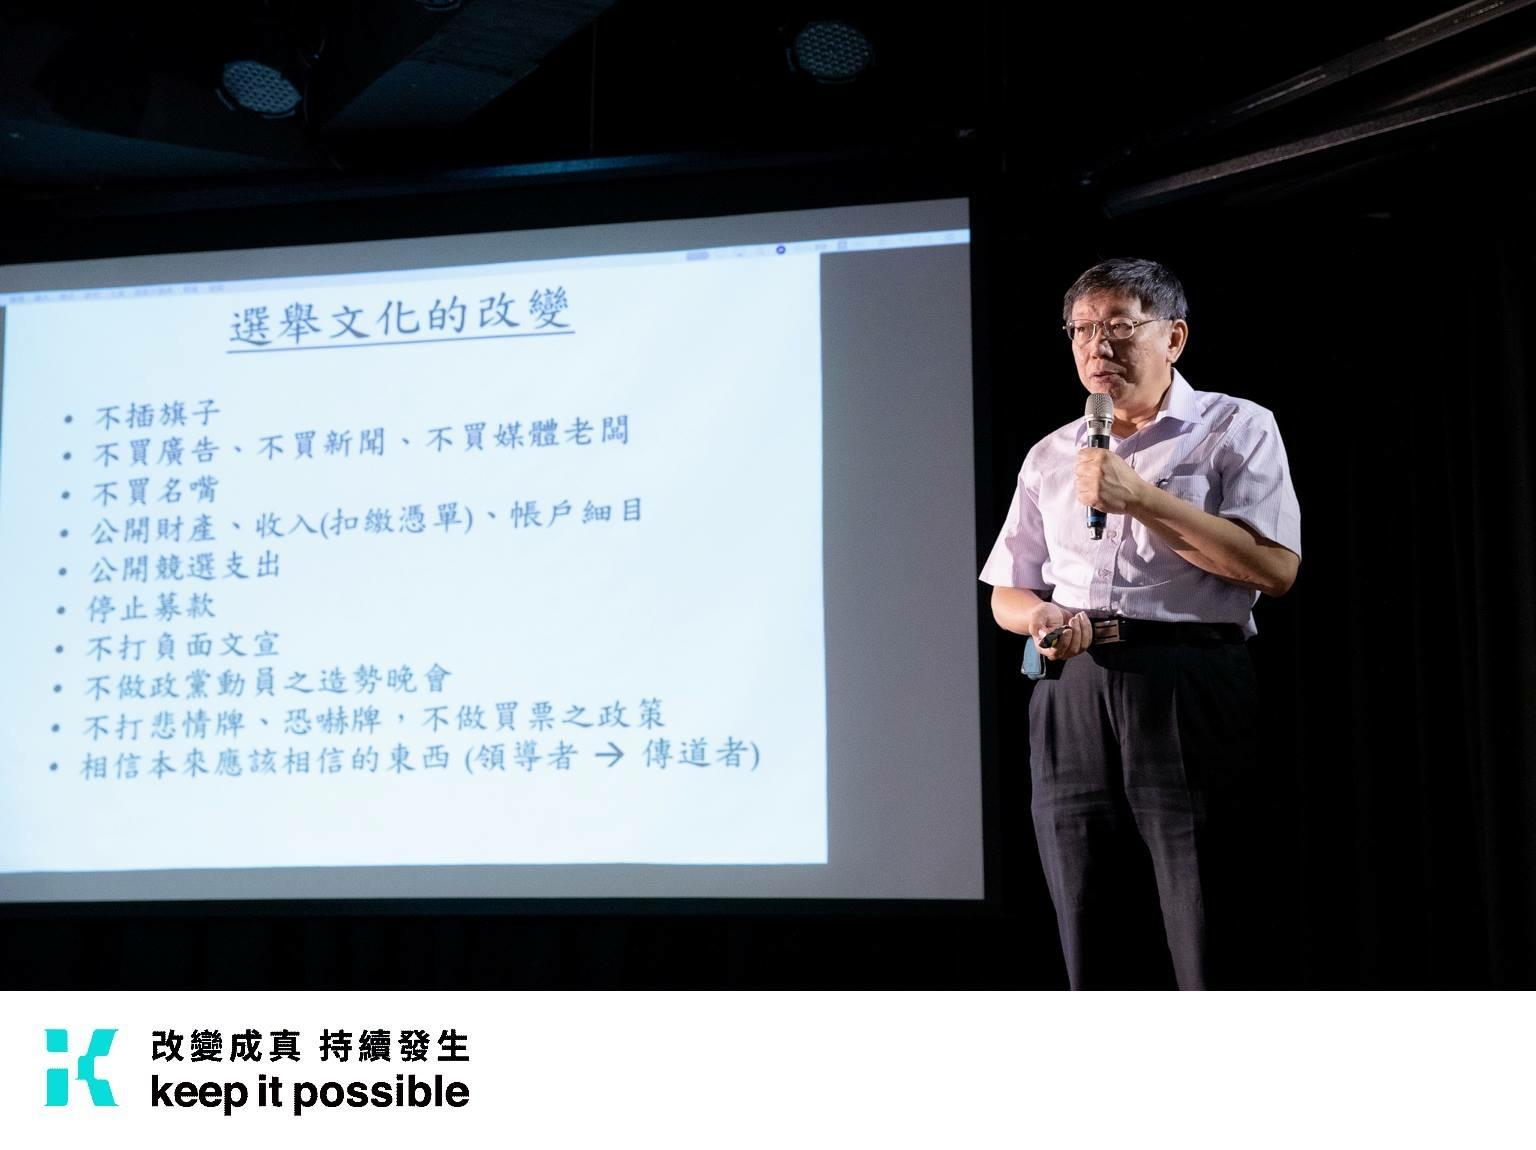 柯文哲/圖片來源:柯文哲官方臉書